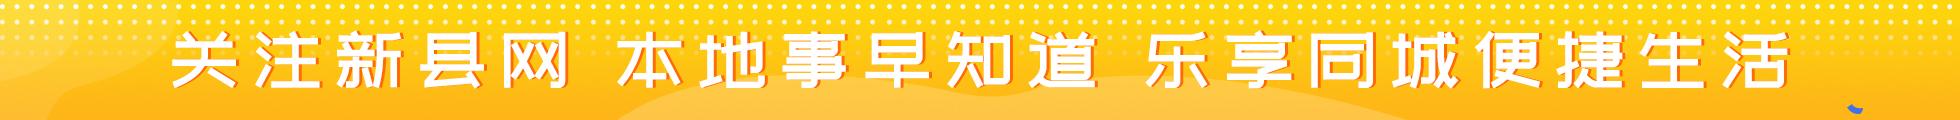 新县网微信宣传【情感沙龙】